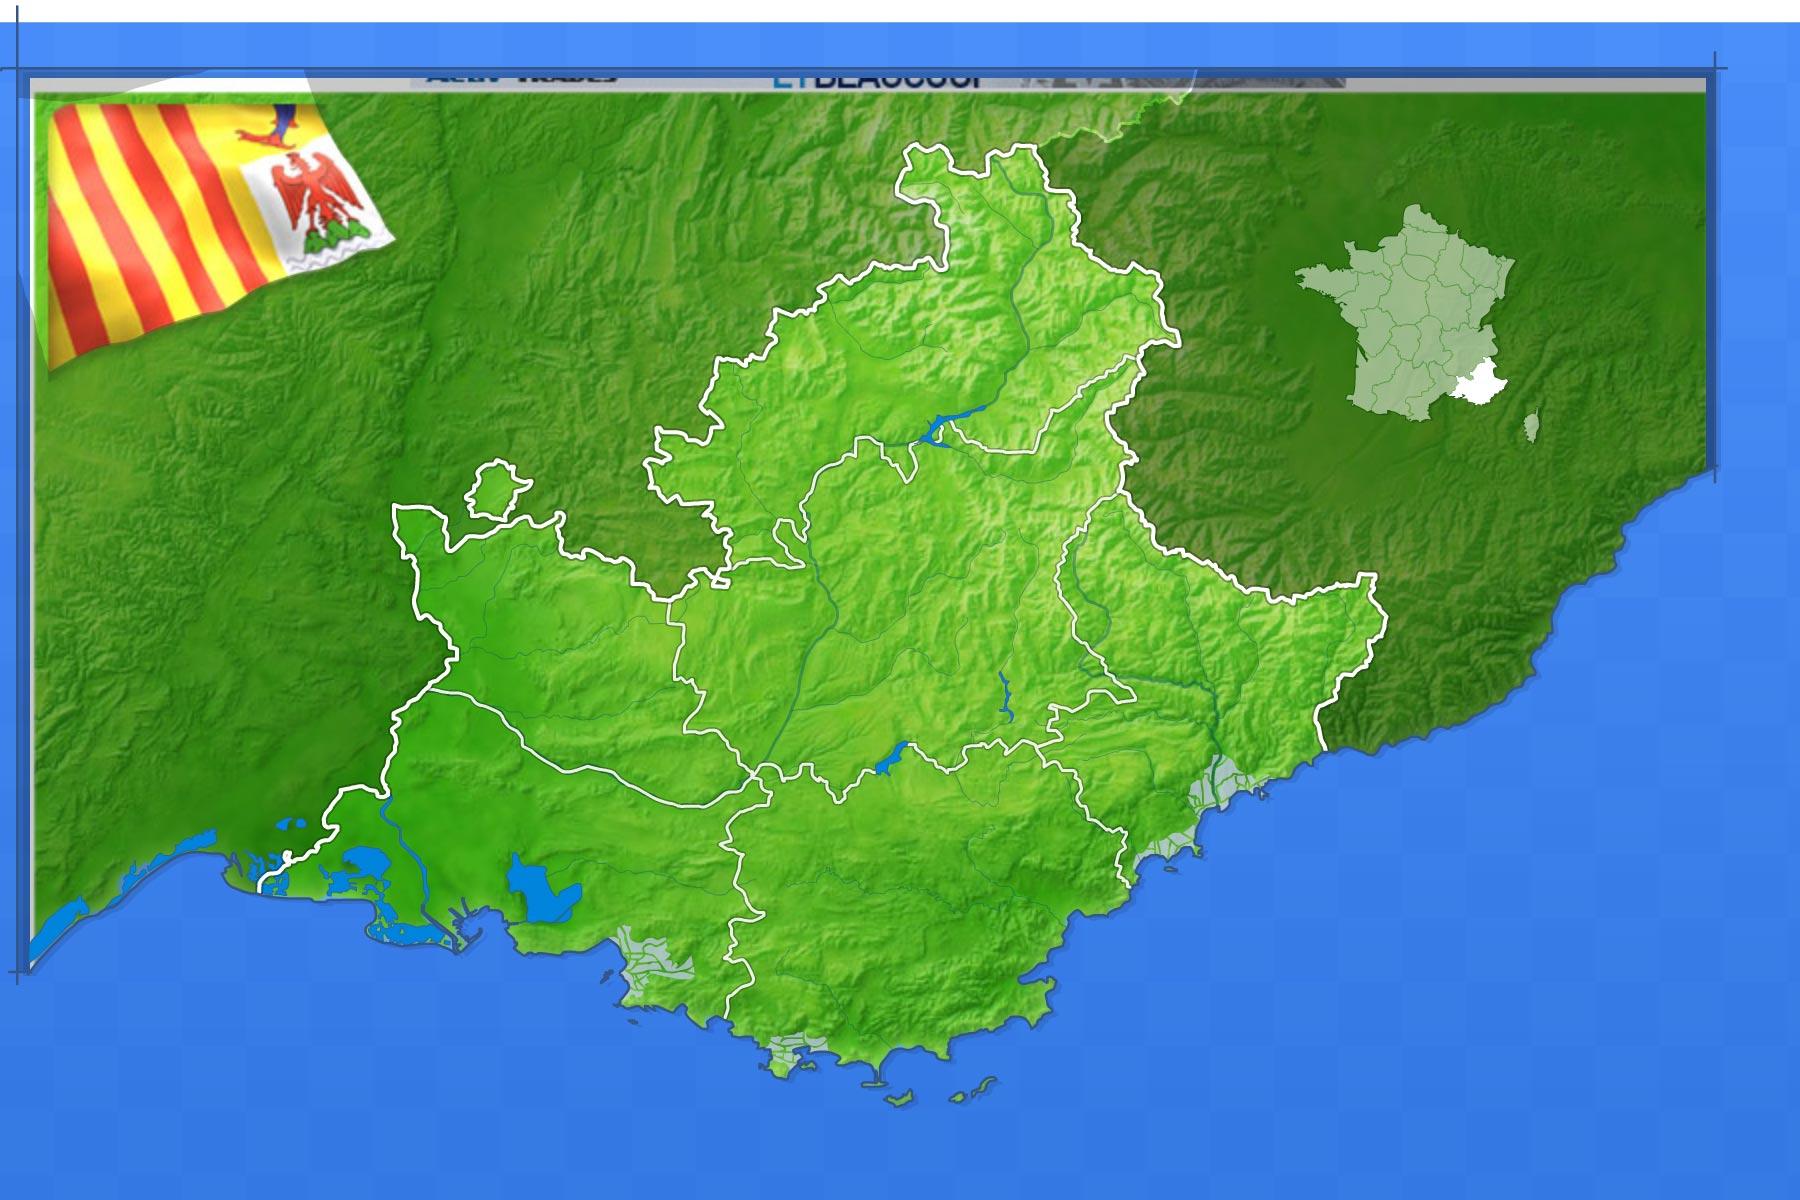 Jeux-Geographiques Jeux Gratuits Villes De Provence Dedans pour Jeux Geographique